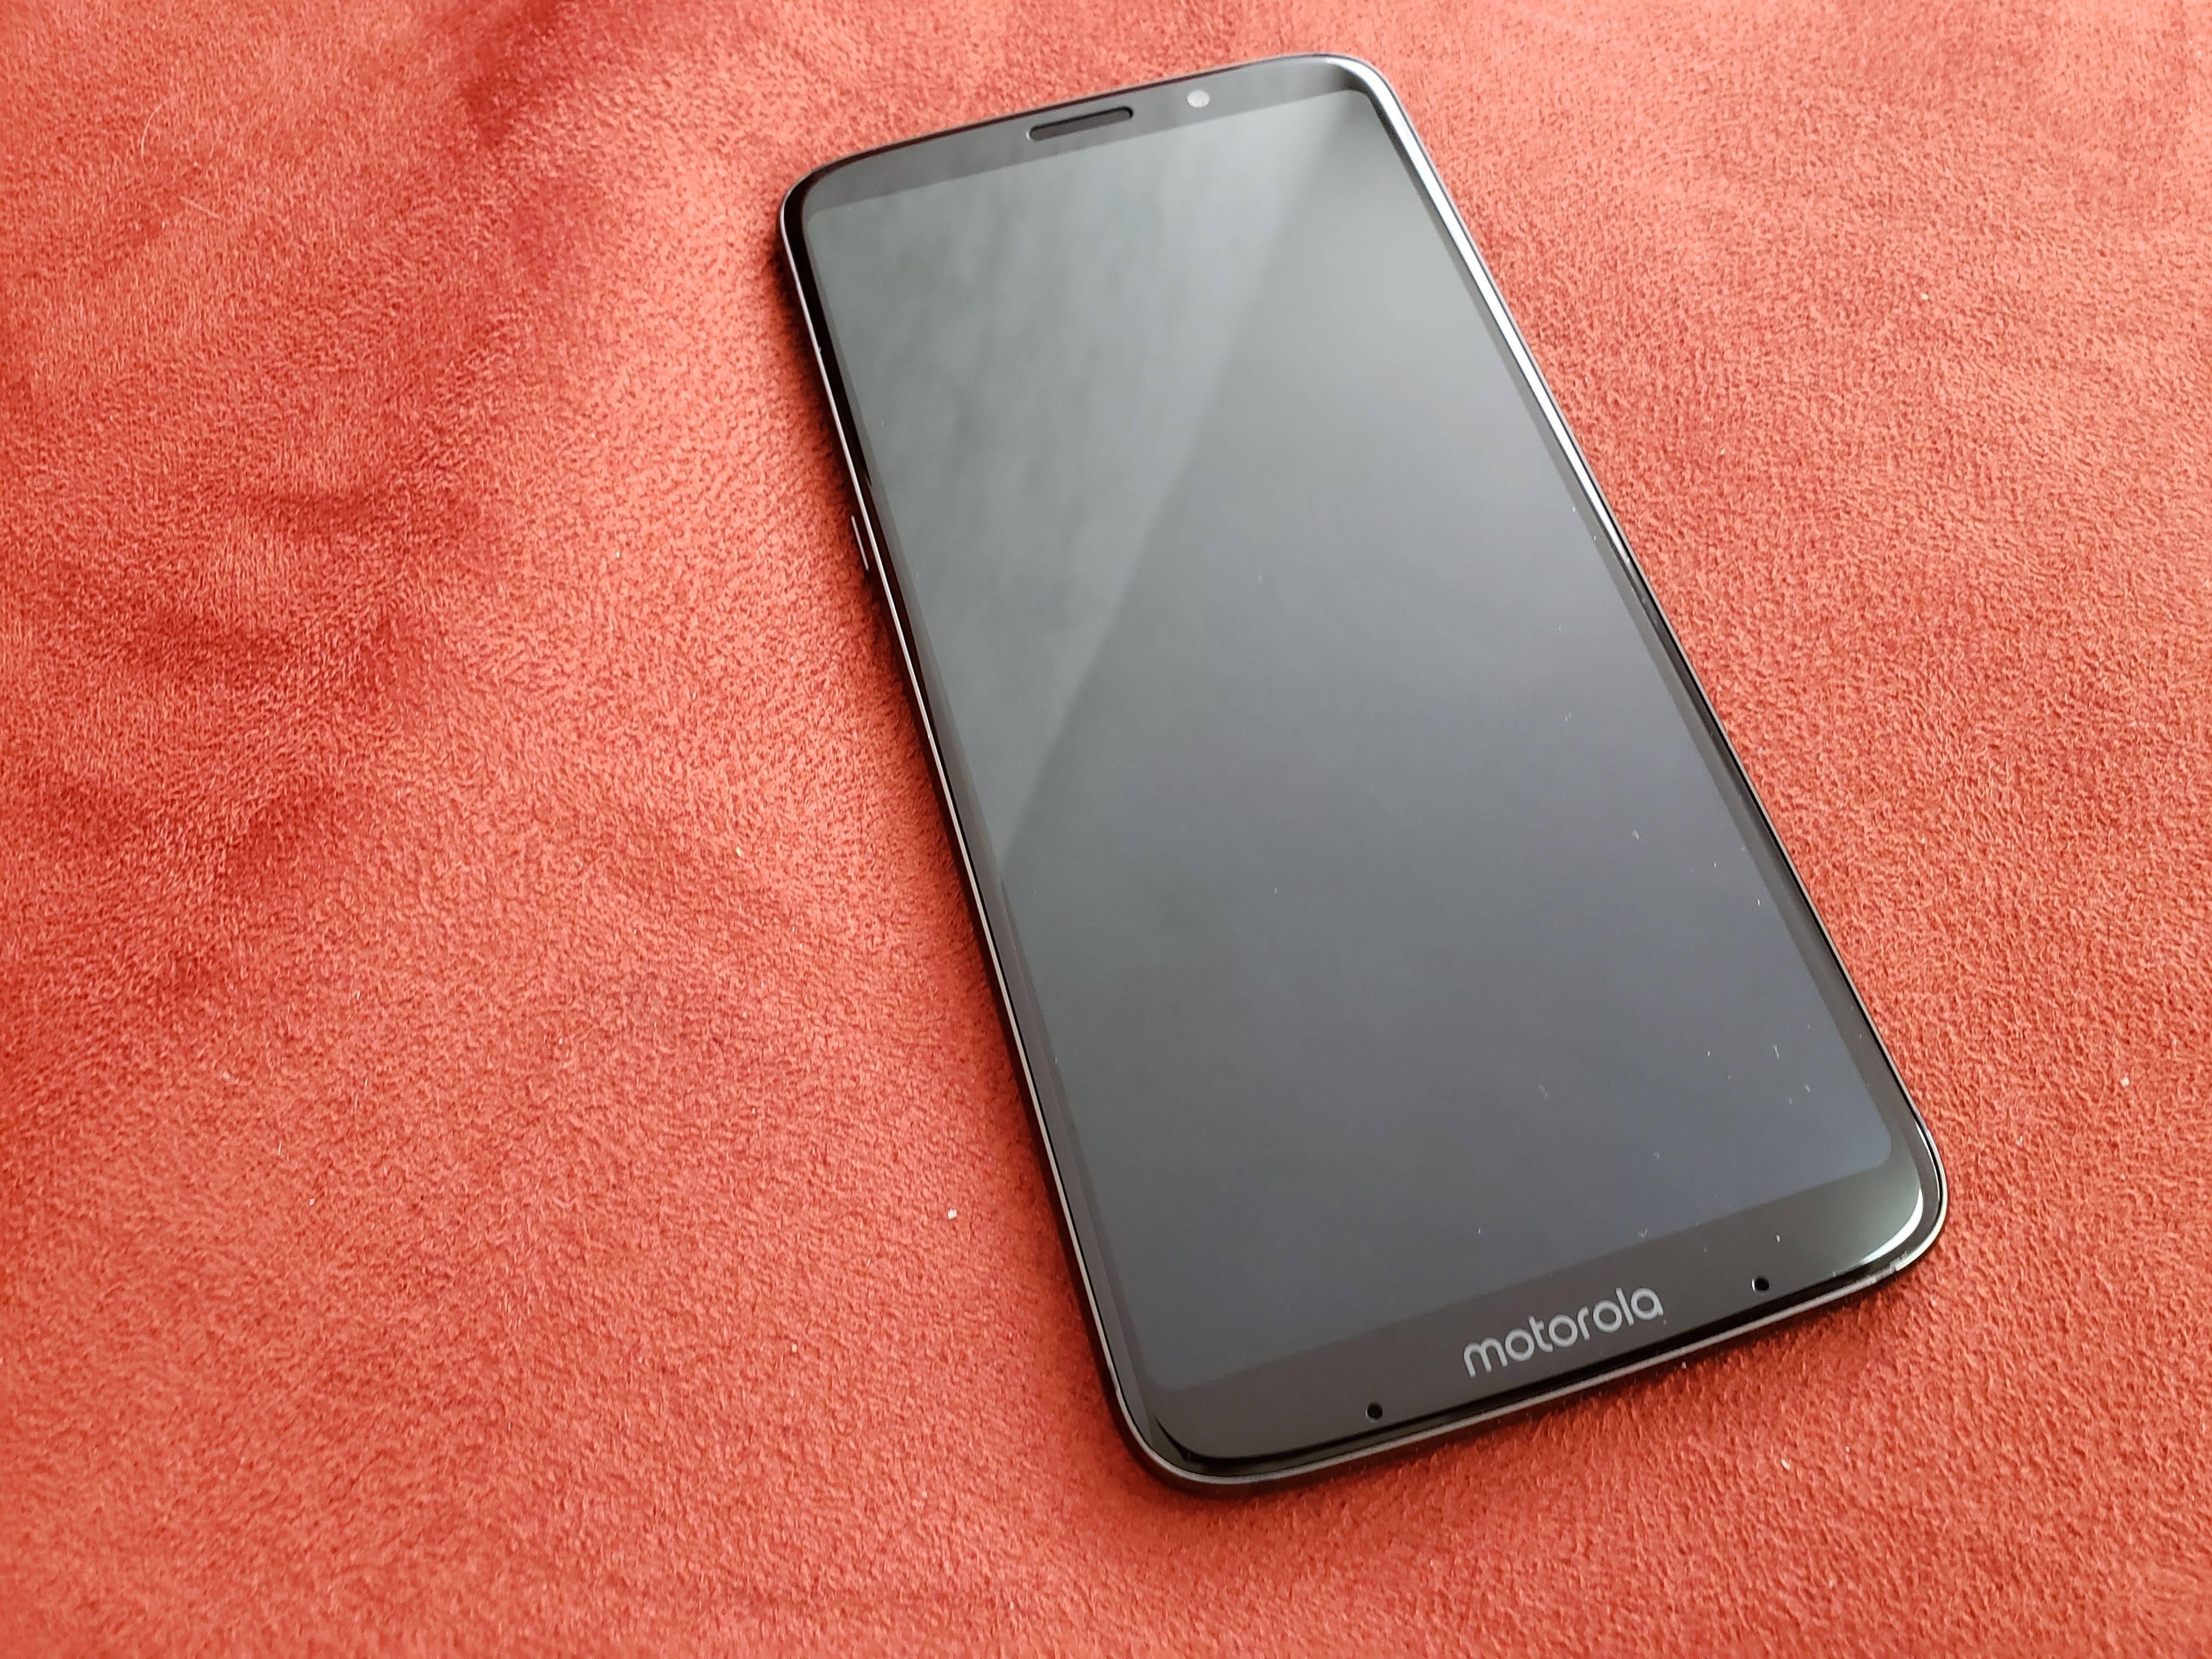 Reseña Moto Z3 Play: Motorola tiene un fuerte contendiente para la gama media-alta [FW Labs]